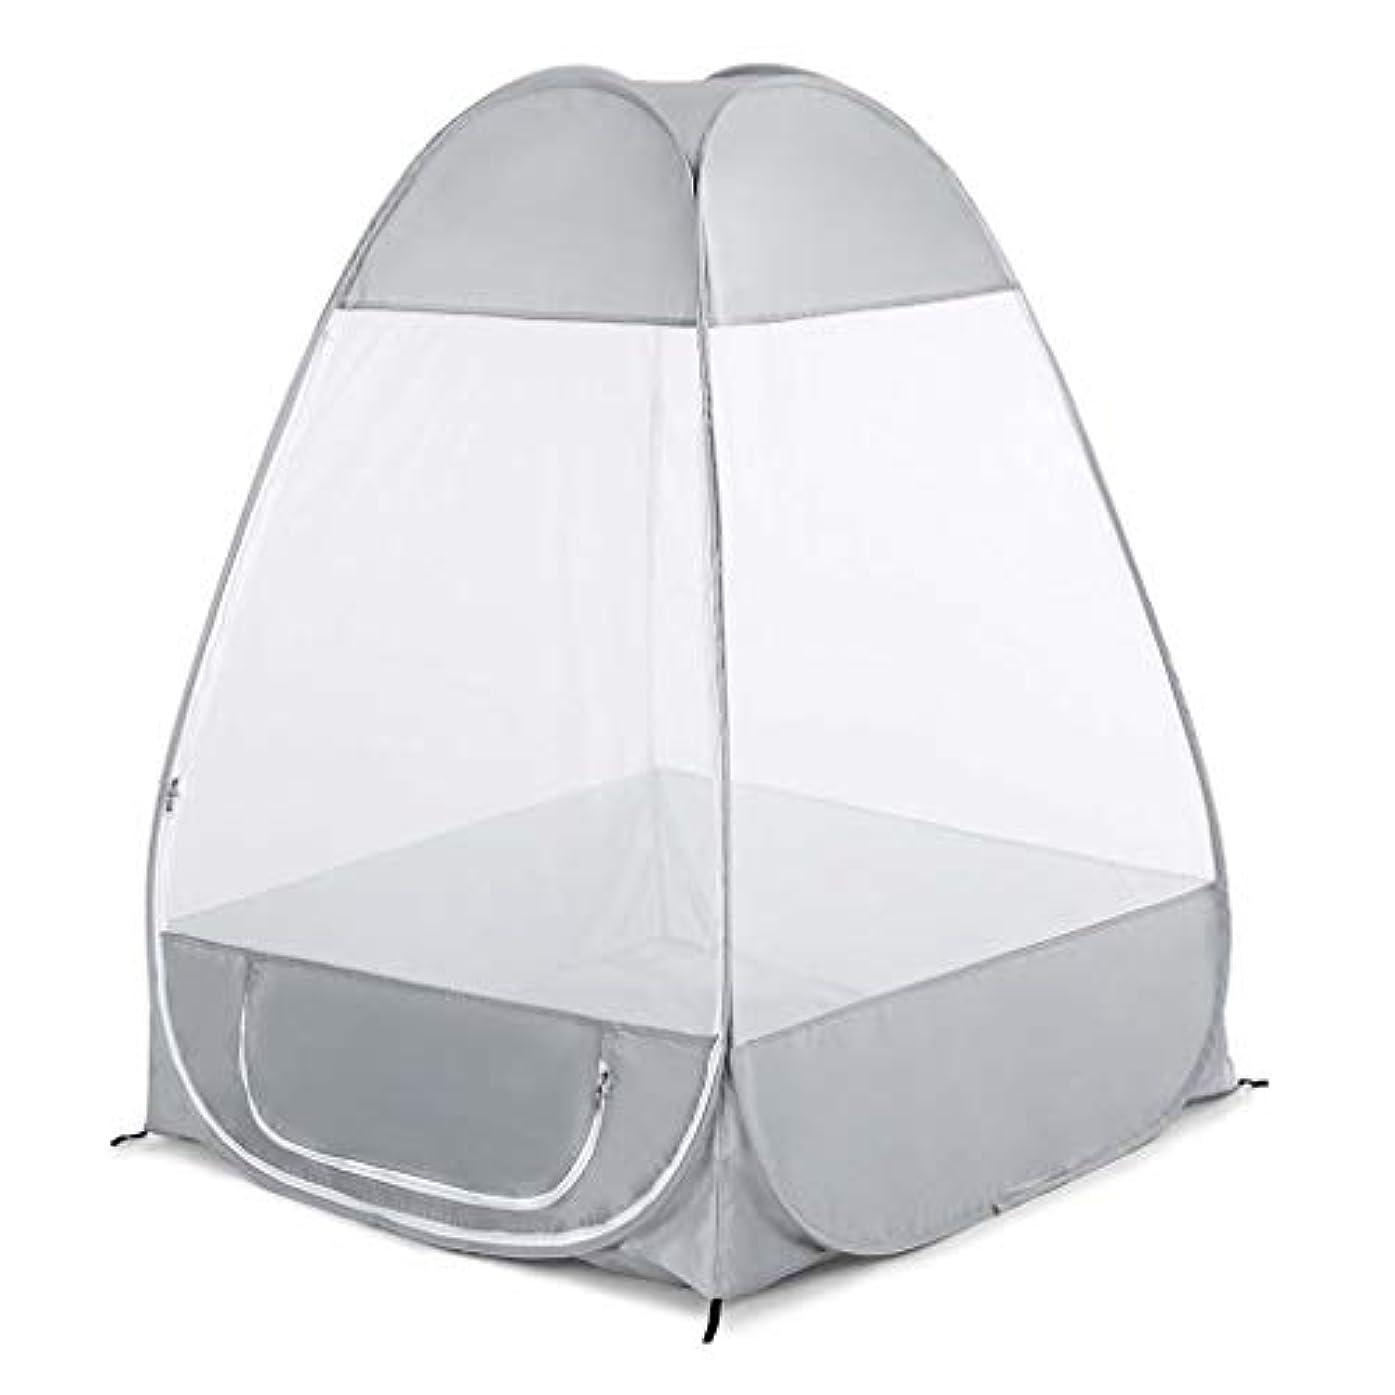 高さディスク才能テント 屋外蚊帳瞑想キャンプテントシングルシッティングスタンドアロンシェルターカバナ蚊クイック折りたたみ旅行テント